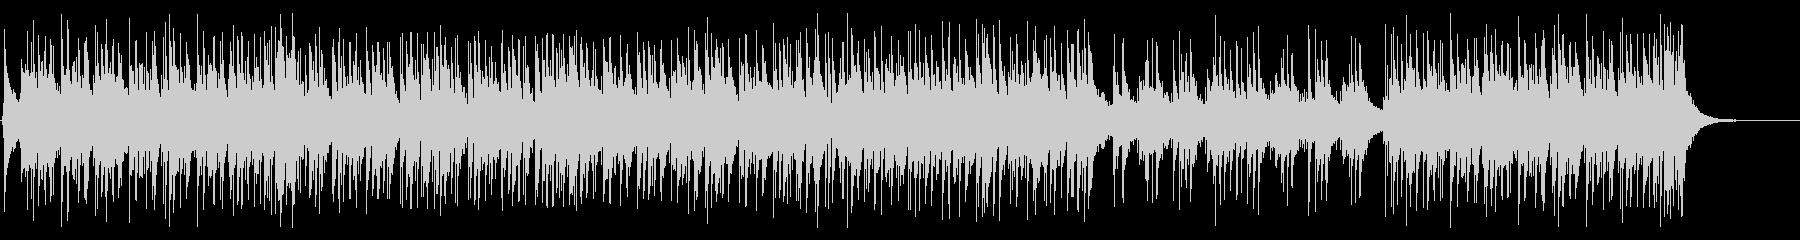 ピアノトリオのアグレッシブなラテンジャズの未再生の波形